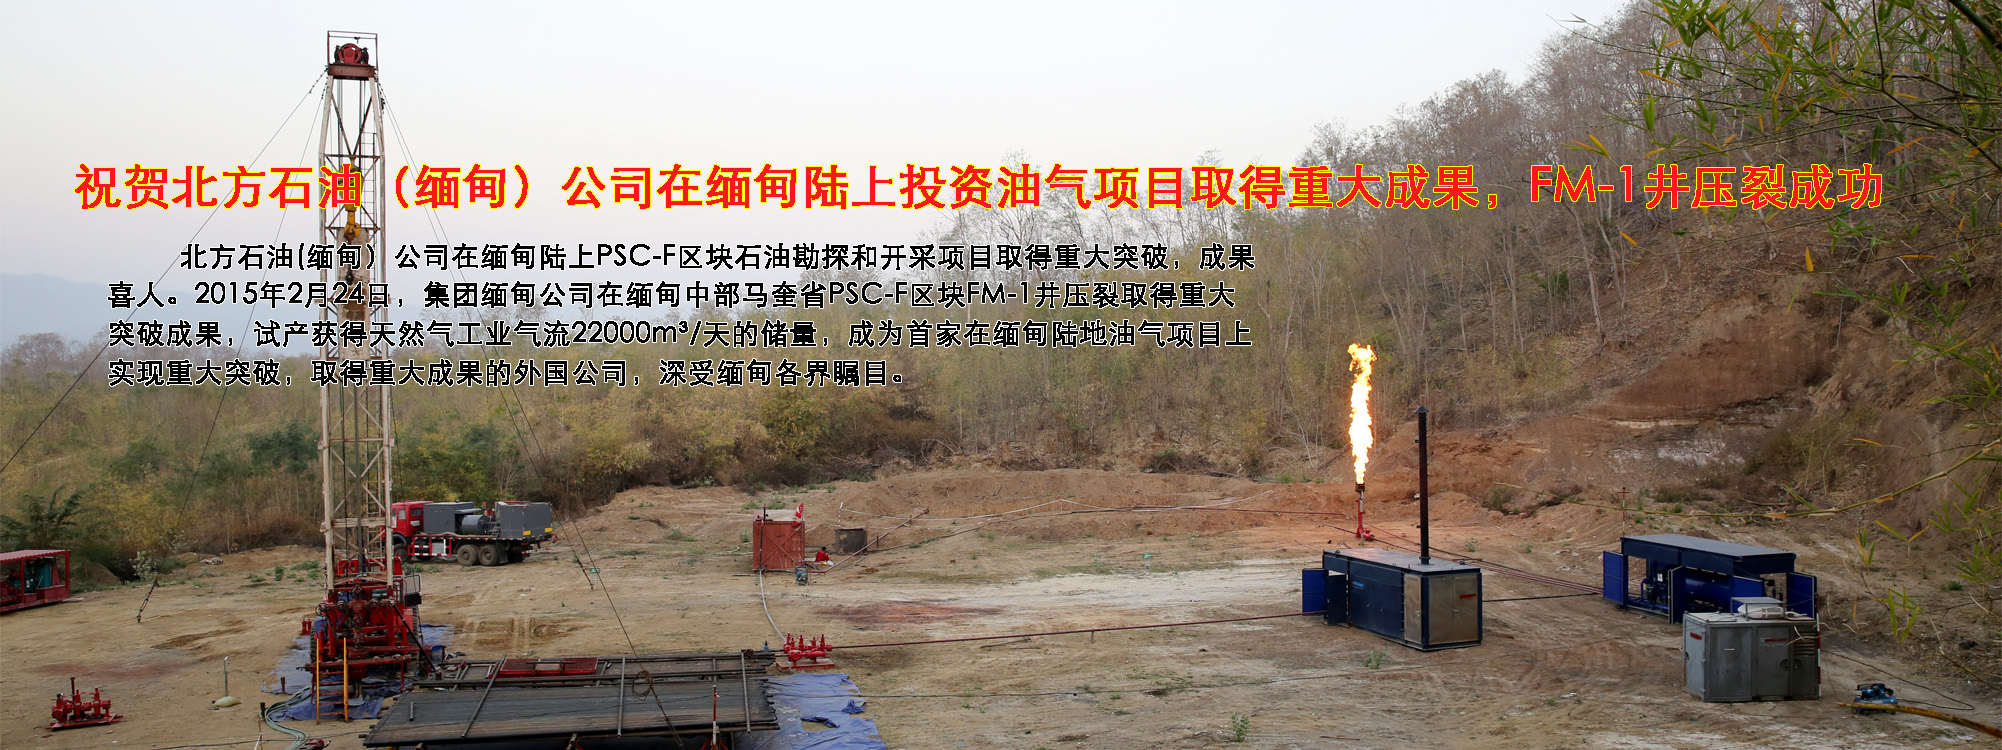 祝贺必赢官方网站登录石油(缅甸)公司在缅甸陆上投资油气项目取得重大成果,FM-1井压裂成功